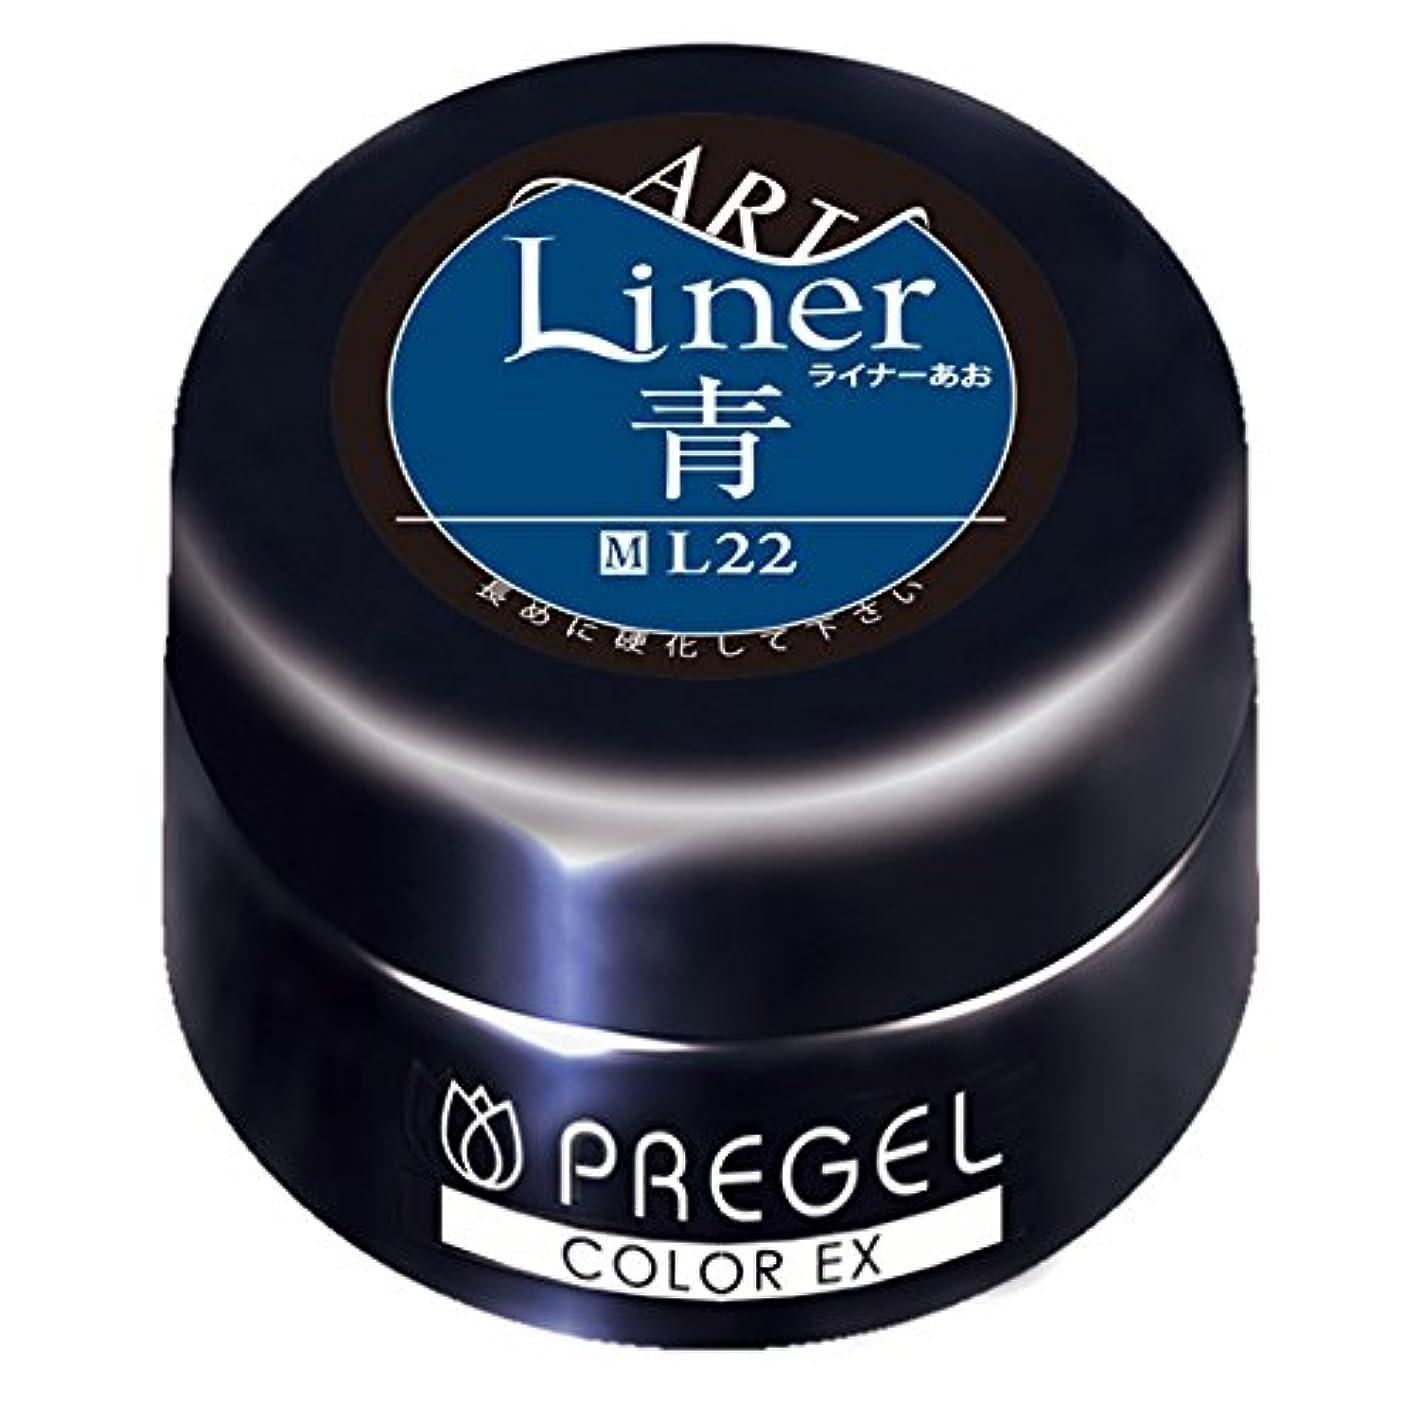 有利レプリカメガロポリスPRE GEL カラーEX ライナー青 3g PG-CEL22 UV/LED対応